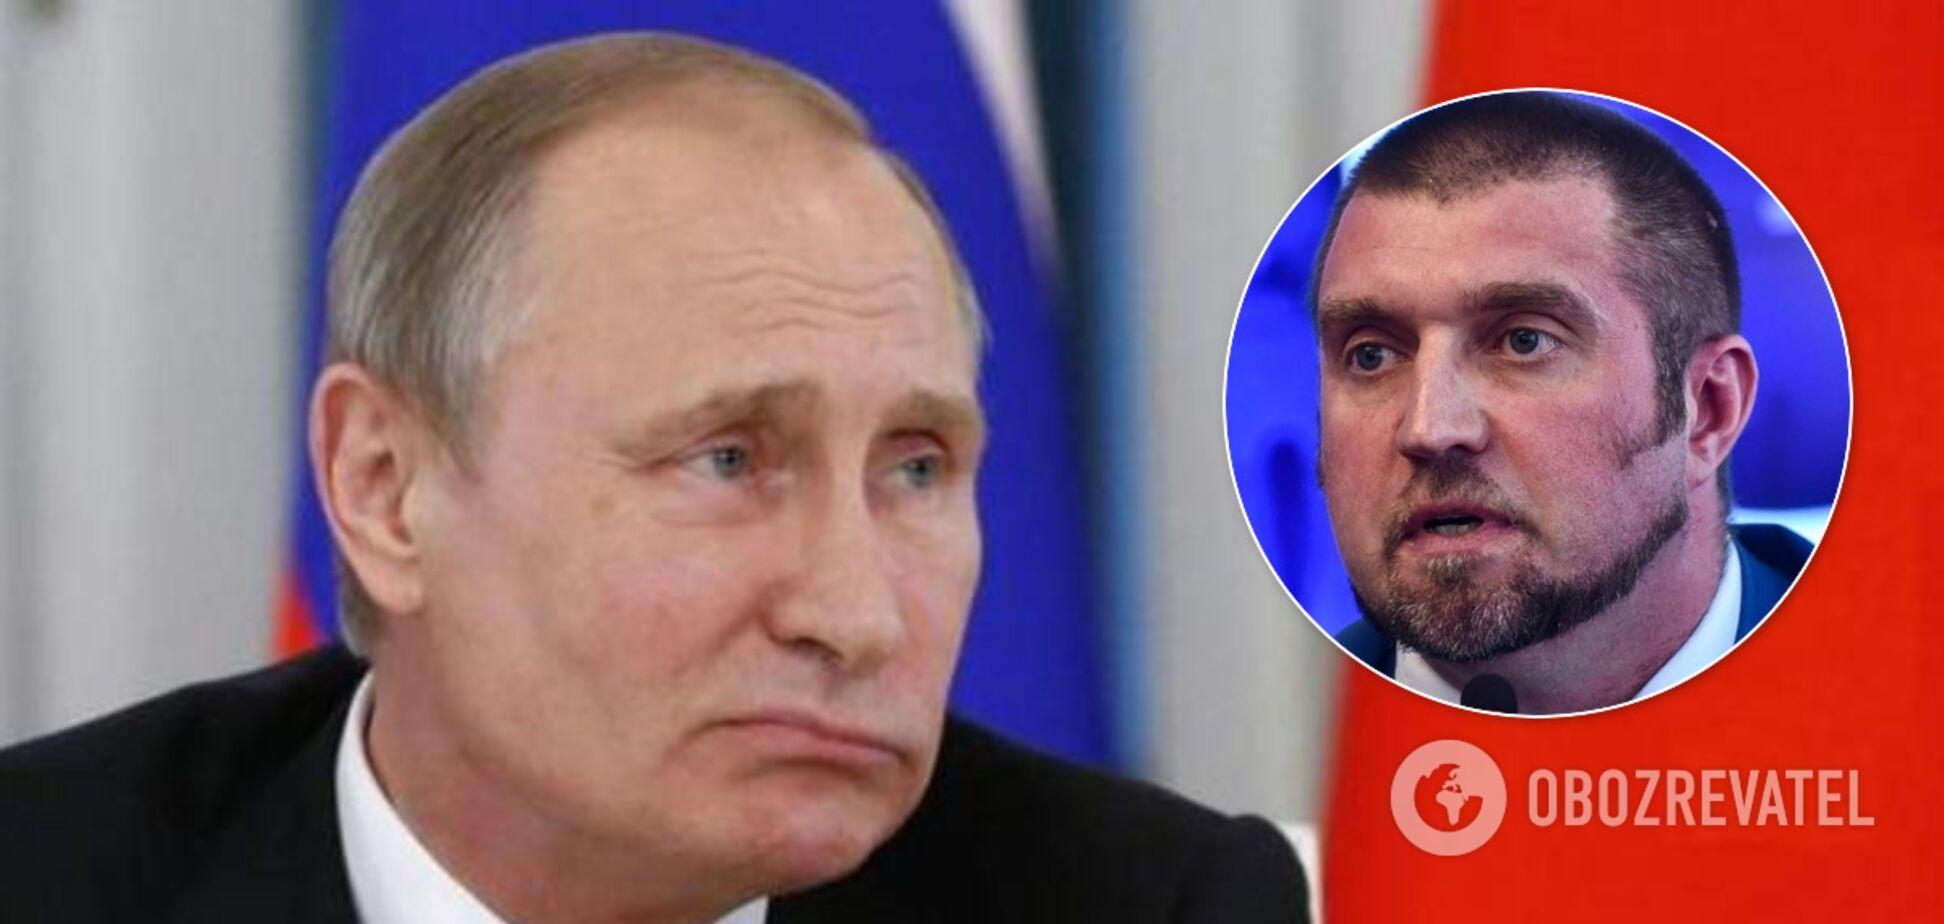 Противник Путина сказал, кого ему нужно бояться в России